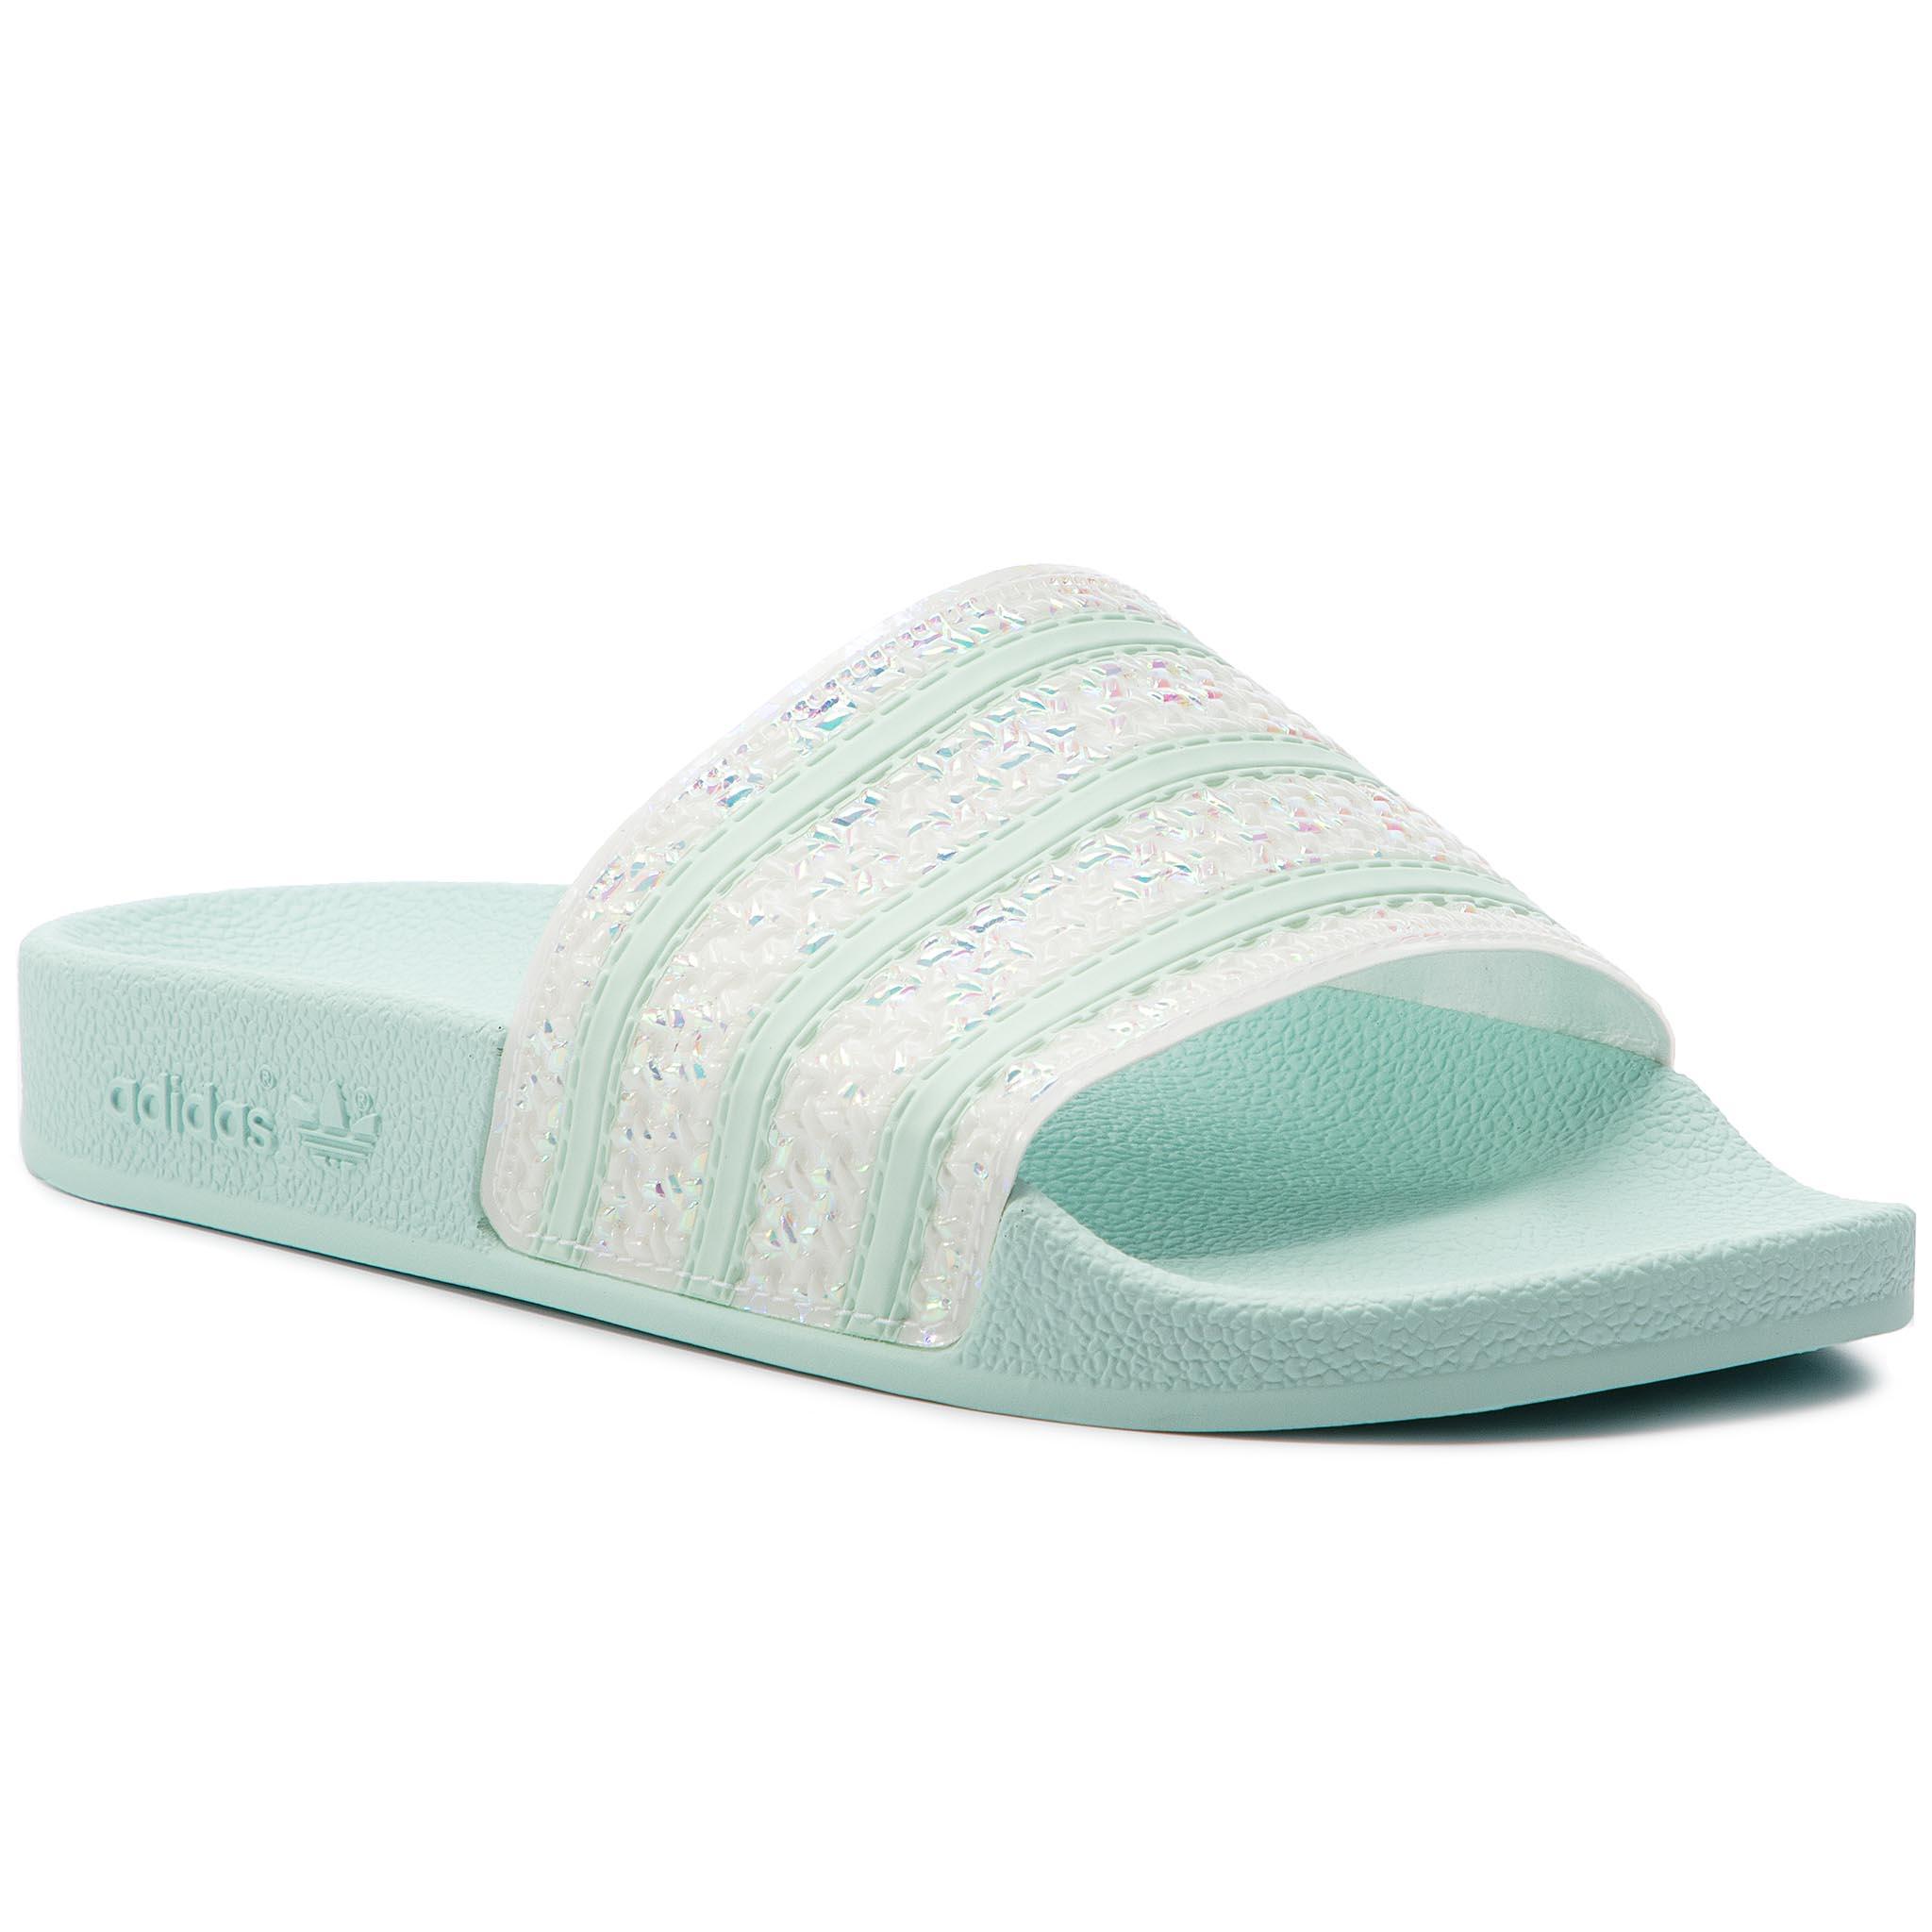 Šľapky adidas - adilette W CG6257 Icemin Icemin Icemin - Glami.sk 7b7b3225d86